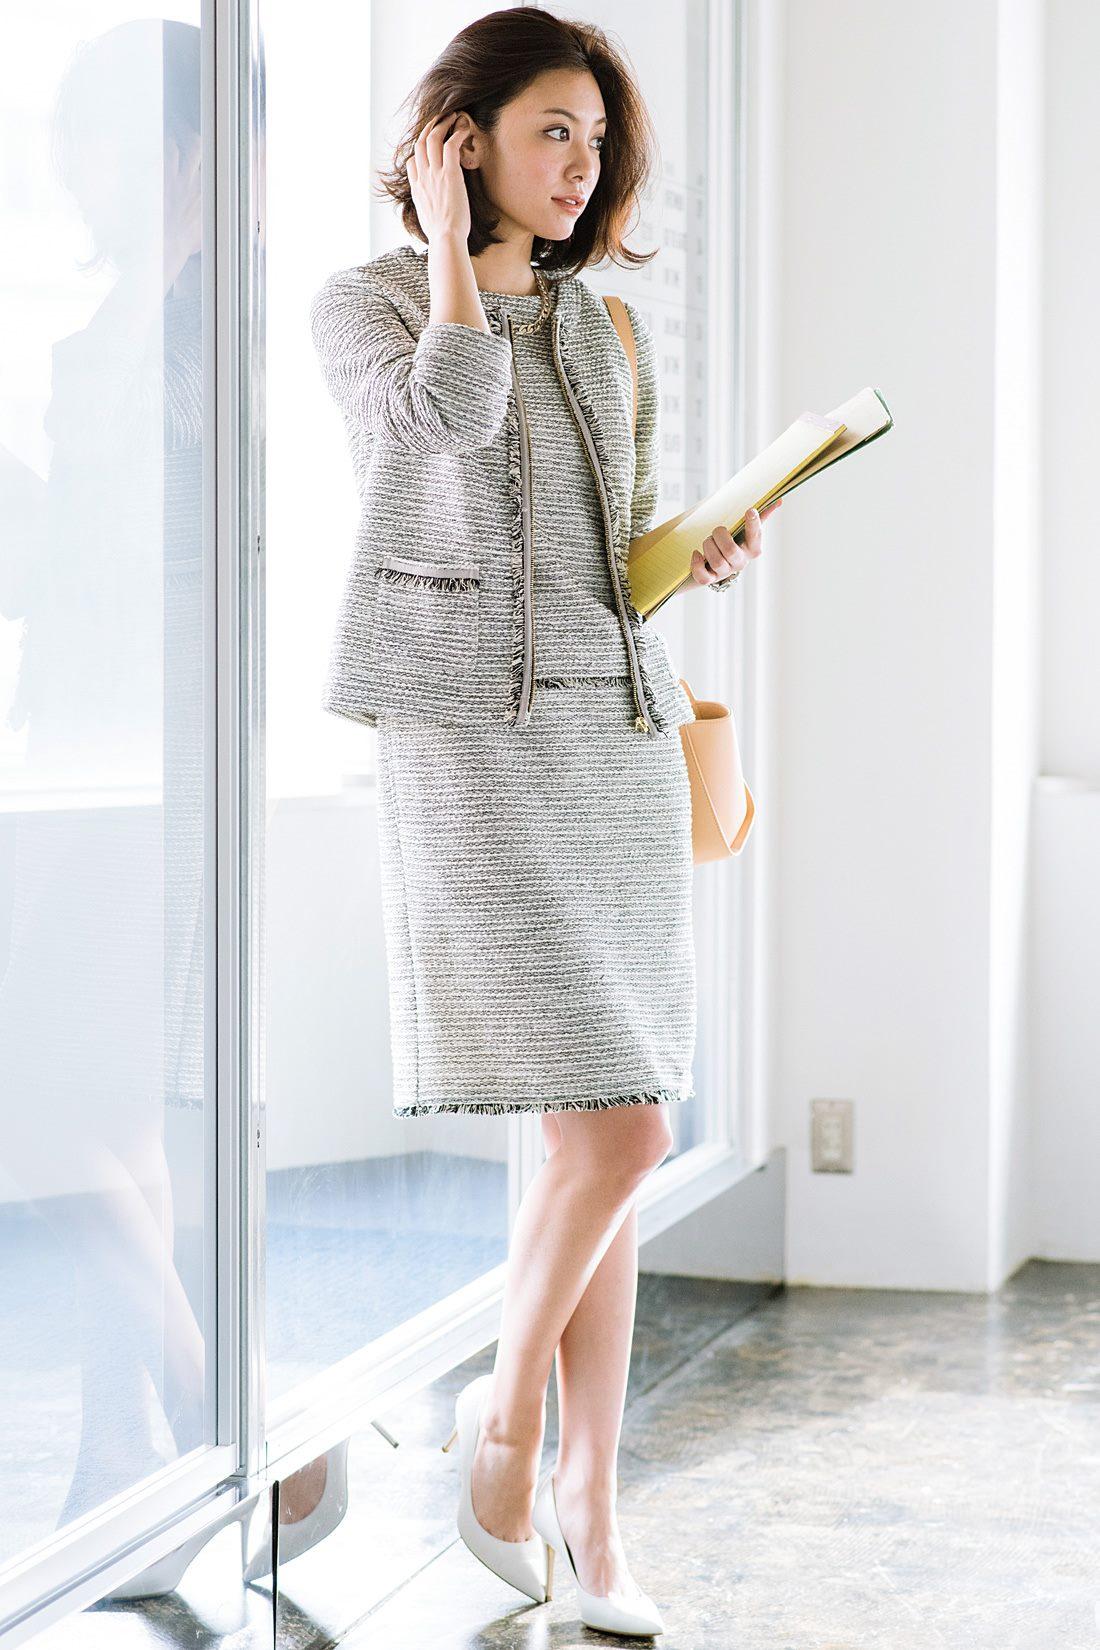 別売りのツイードワンピースと合わせれば、セットアップのようにも着られるので、フォーマルシーンにもおすすめ。